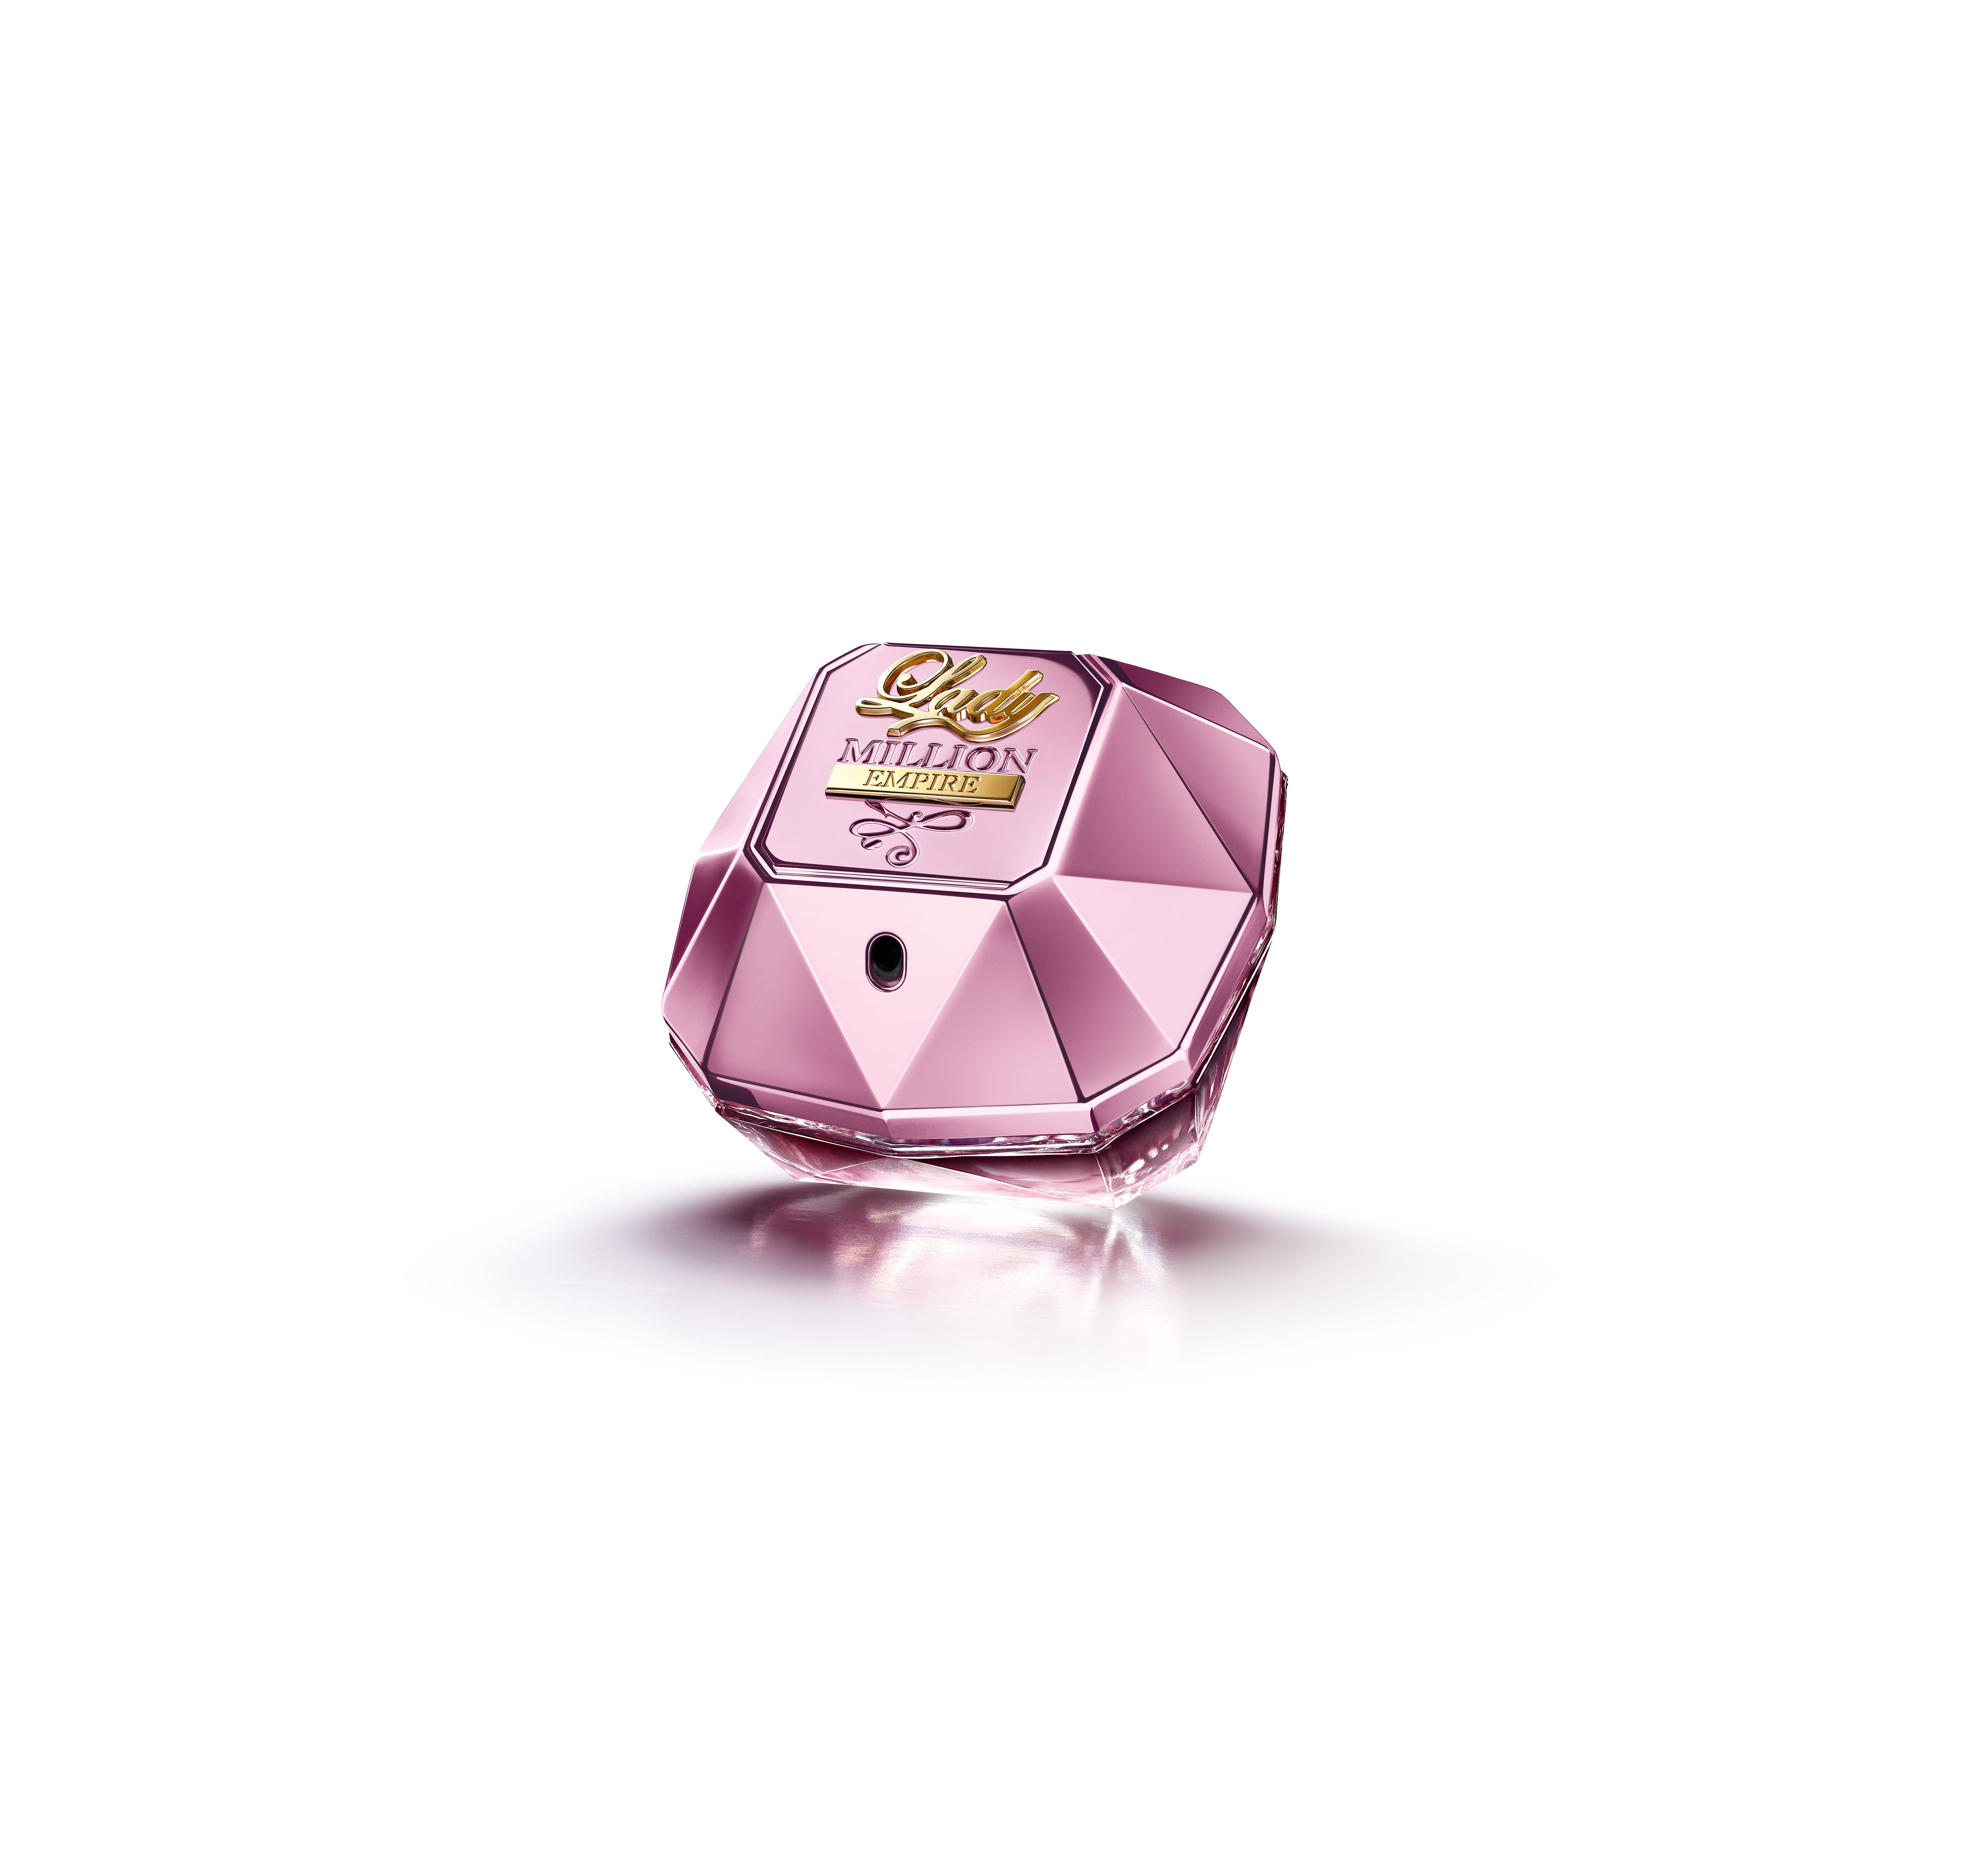 Lady Million Empire de Paco Rabanne, floral y con acordes afrutados. (Suministrada)